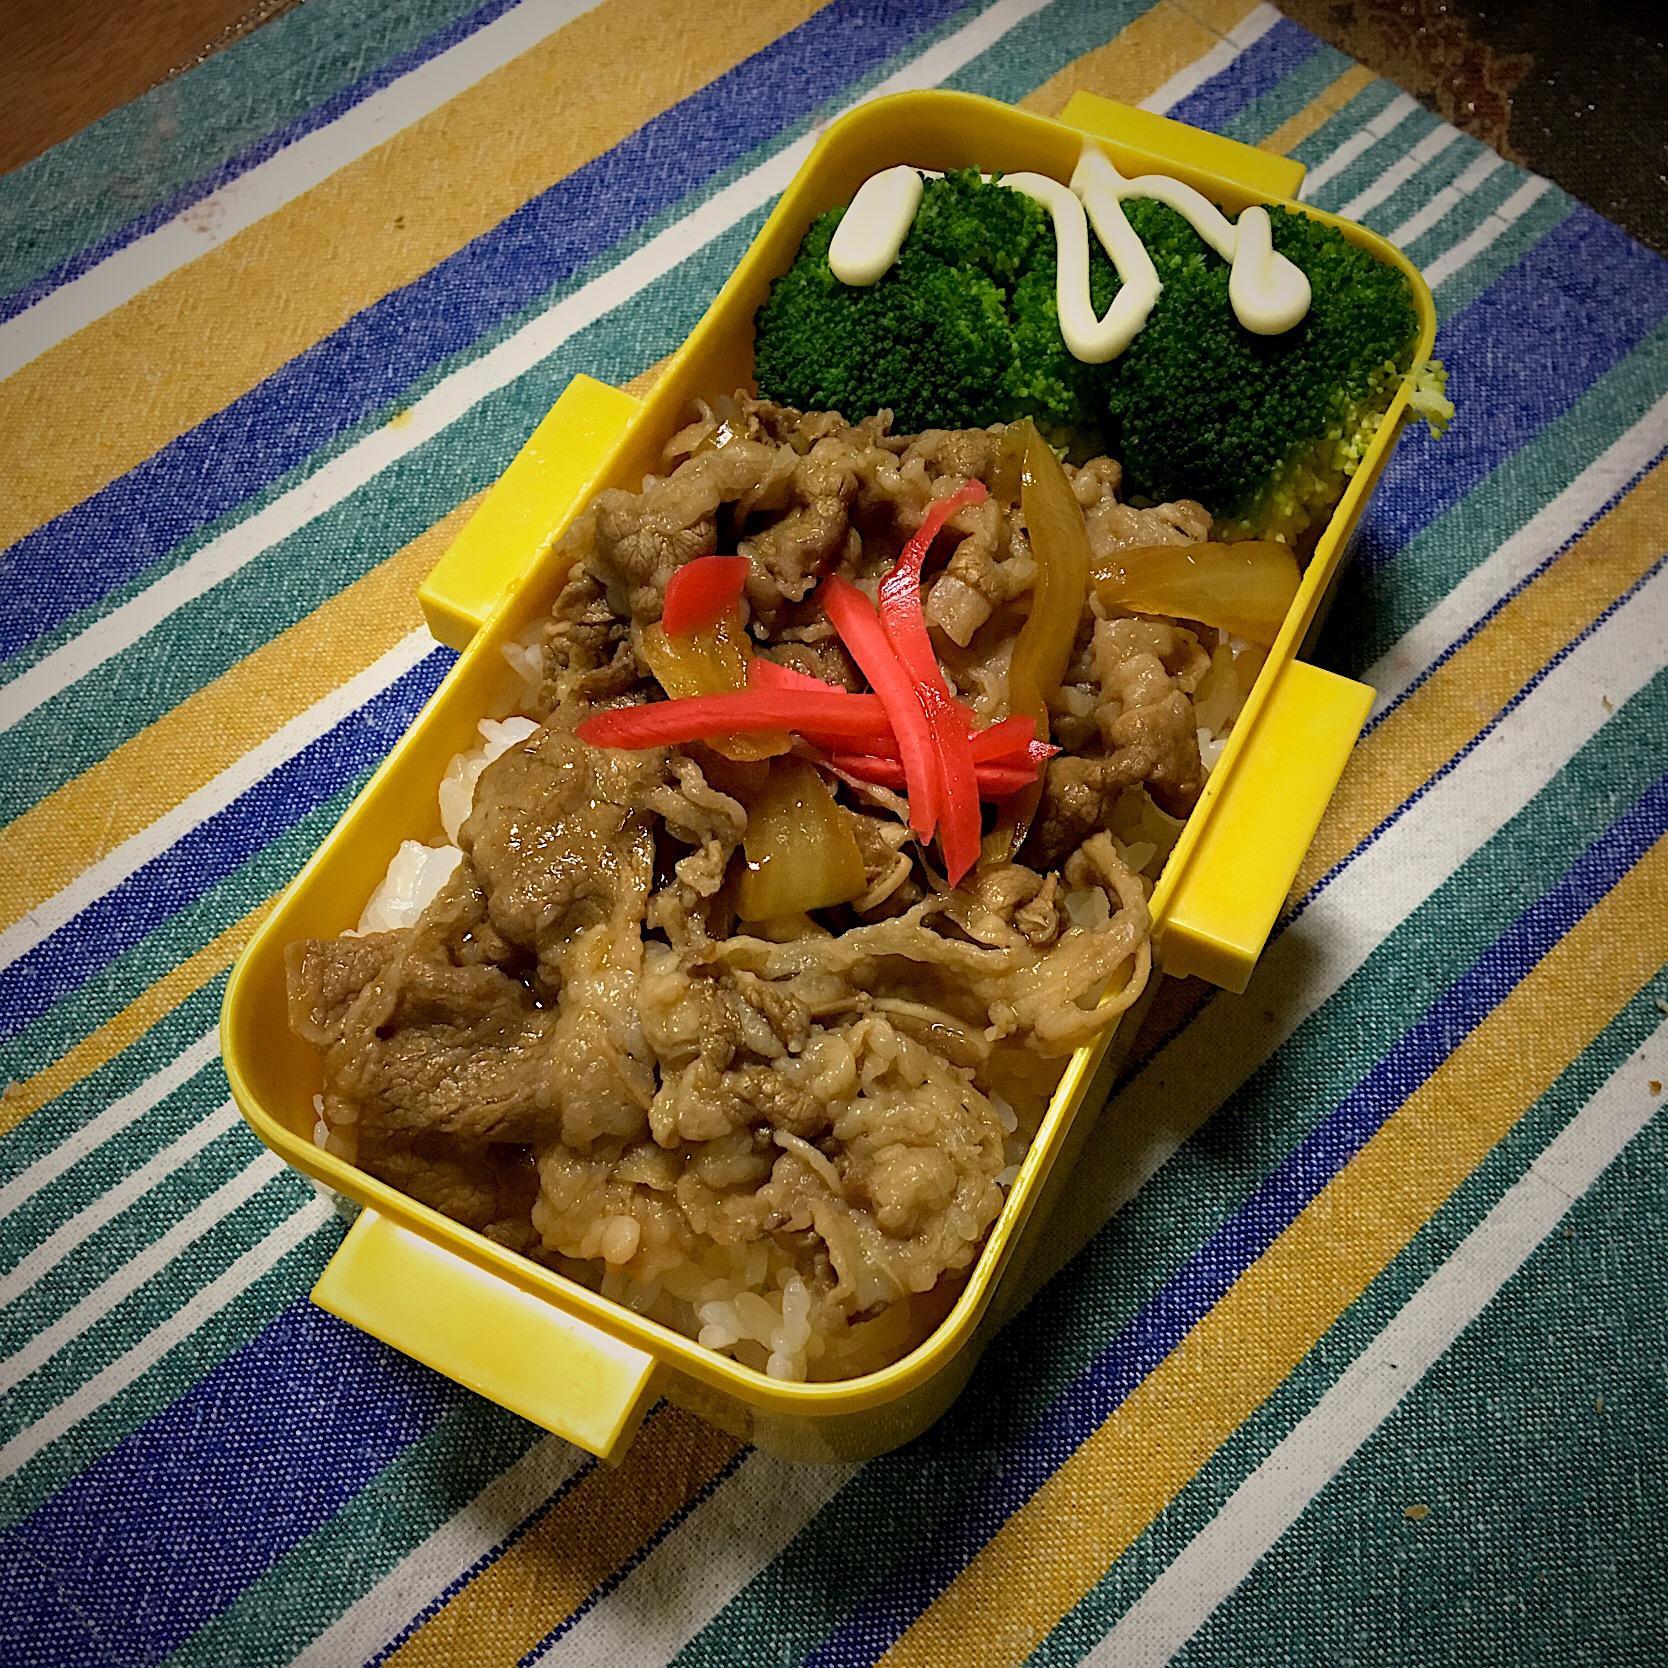 #お昼ごはん #お昼ご飯   10.21 息子の部活弁当?